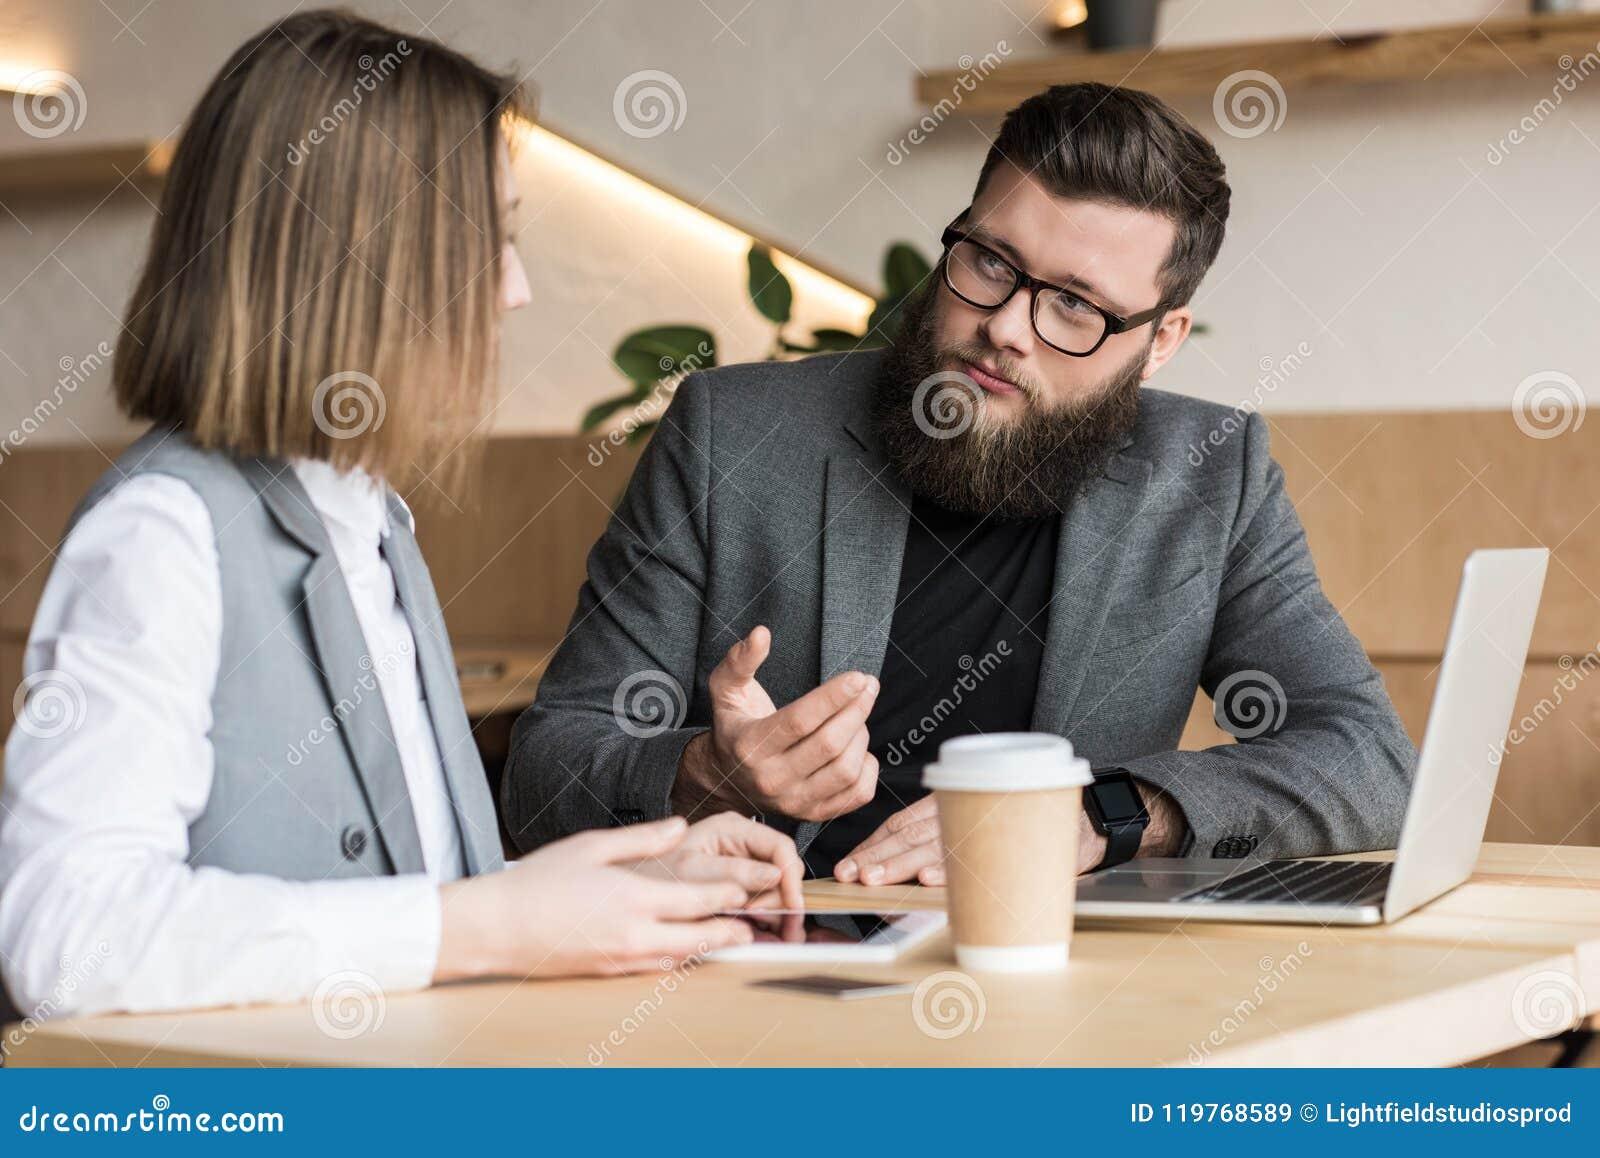 Teilhaber, die Gespräch im modernen Café mit Geräten und Kaffee haben